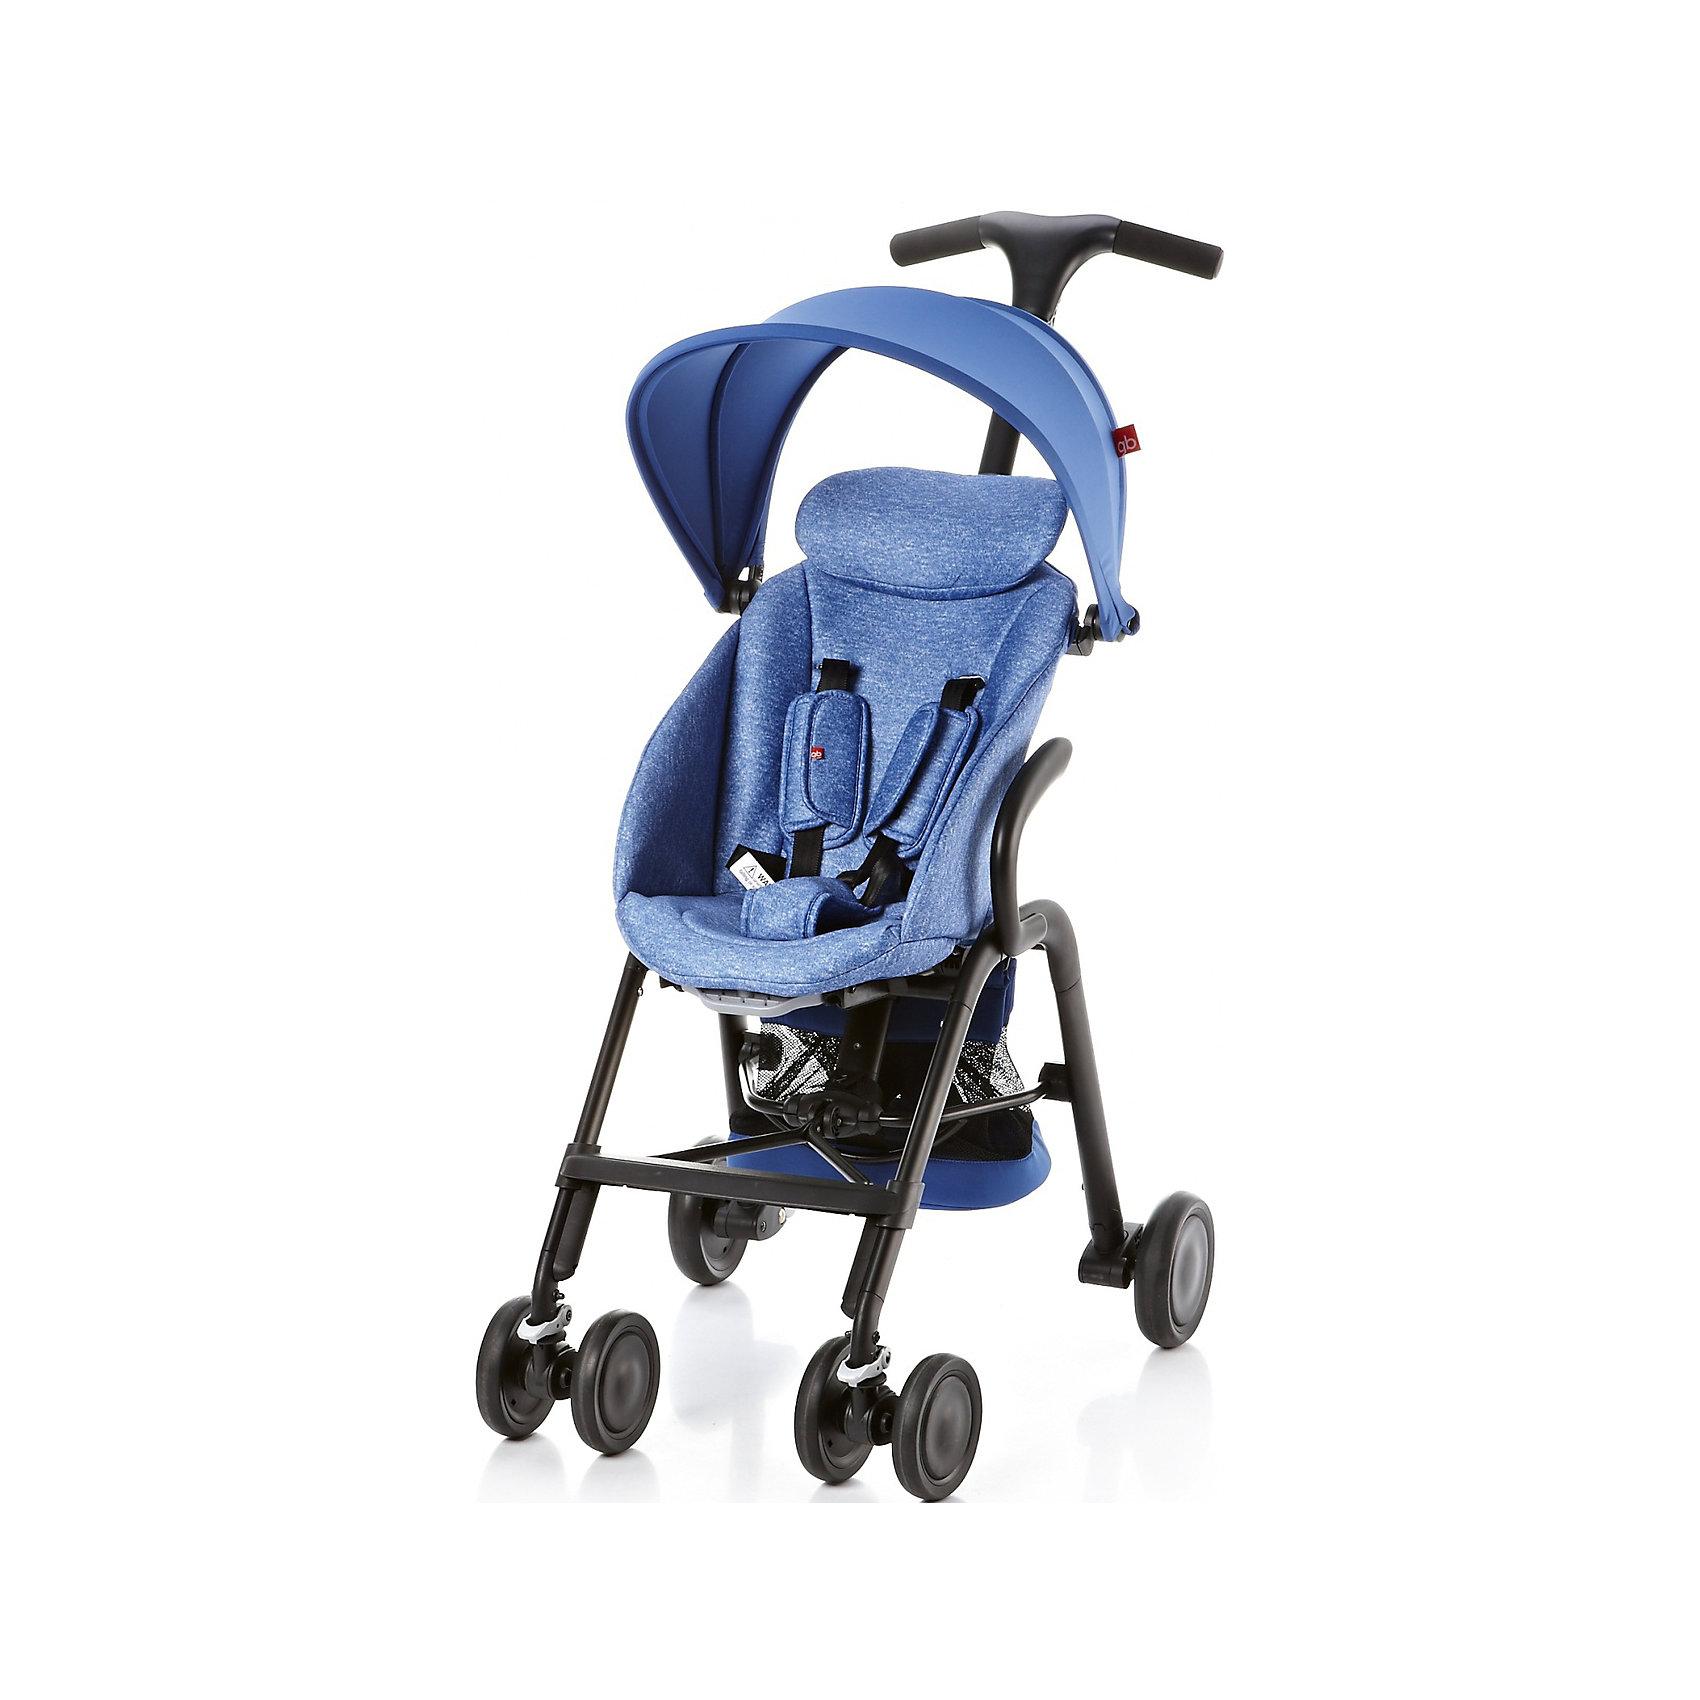 Прогулочная коляска GB T-BAR D330J, синийПрогулочные коляски<br>Коляска прогулочная T-BAR D330J, GB, синий<br><br>Характеристики:<br><br>- в набор входит: коляска, козырек <br>- материал: алюминий, текстиль, пластик<br>- колеса: EVA-резина и полиуретан<br>- размер разложенной коляски: 53 * 91 * 105 см.<br>- размер в сложенном виде: 53 * 40 * 91 см.<br>- вес коляски: 7,6 кг.<br><br>Надежная коляска от известного международного европейского бренда товаров для детей GB (ДжиБи) сделает прогулку с малышом комфортным приключением. Стильный дизайн и качественное исполнение позволят коляске прослужить много лет. Т-образная ручка обеспечивает наибольшую маневренность в городе и ее высота регулируется в три положения. Стильный козырек закрывает малыша от яркого солнца и удобно регулируется, давая возможность полностью закрыть малыша спереди. Спинка сидения регулируется в два положения, в которых малыш сможет немного отдохнуть, а мягкий регулирующийся подголовник добавит малышу комфорта. Прочные бесшумные двойные передние колеса поворачиваются (можно зафиксировать), задние колеса оснащены амортизацией, такое сочетание позволяет осуществить наибольшую проходимость и устойчивость коляски. Для удобства хранения и перемещения коляска легко складывается по принципу «книжка». Безопасность малыша обеспечивает пятиточечный ремень с мягкими накладками. Небольшая корзина коляски легка в доступе и позволит взять с собой самое необходимое на прогулку. С этой легкой и компактной коляской вы будете чувствовать себя уверенно как на прогулке, так и в магазине.<br><br>Коляску прогулочную T-BAR D330J, синий, GB (ДжиБи) можно купить в нашем интернет-магазине.<br><br>Ширина мм: 900<br>Глубина мм: 500<br>Высота мм: 300<br>Вес г: 9000<br>Возраст от месяцев: 6<br>Возраст до месяцев: 36<br>Пол: Унисекс<br>Возраст: Детский<br>SKU: 5176043